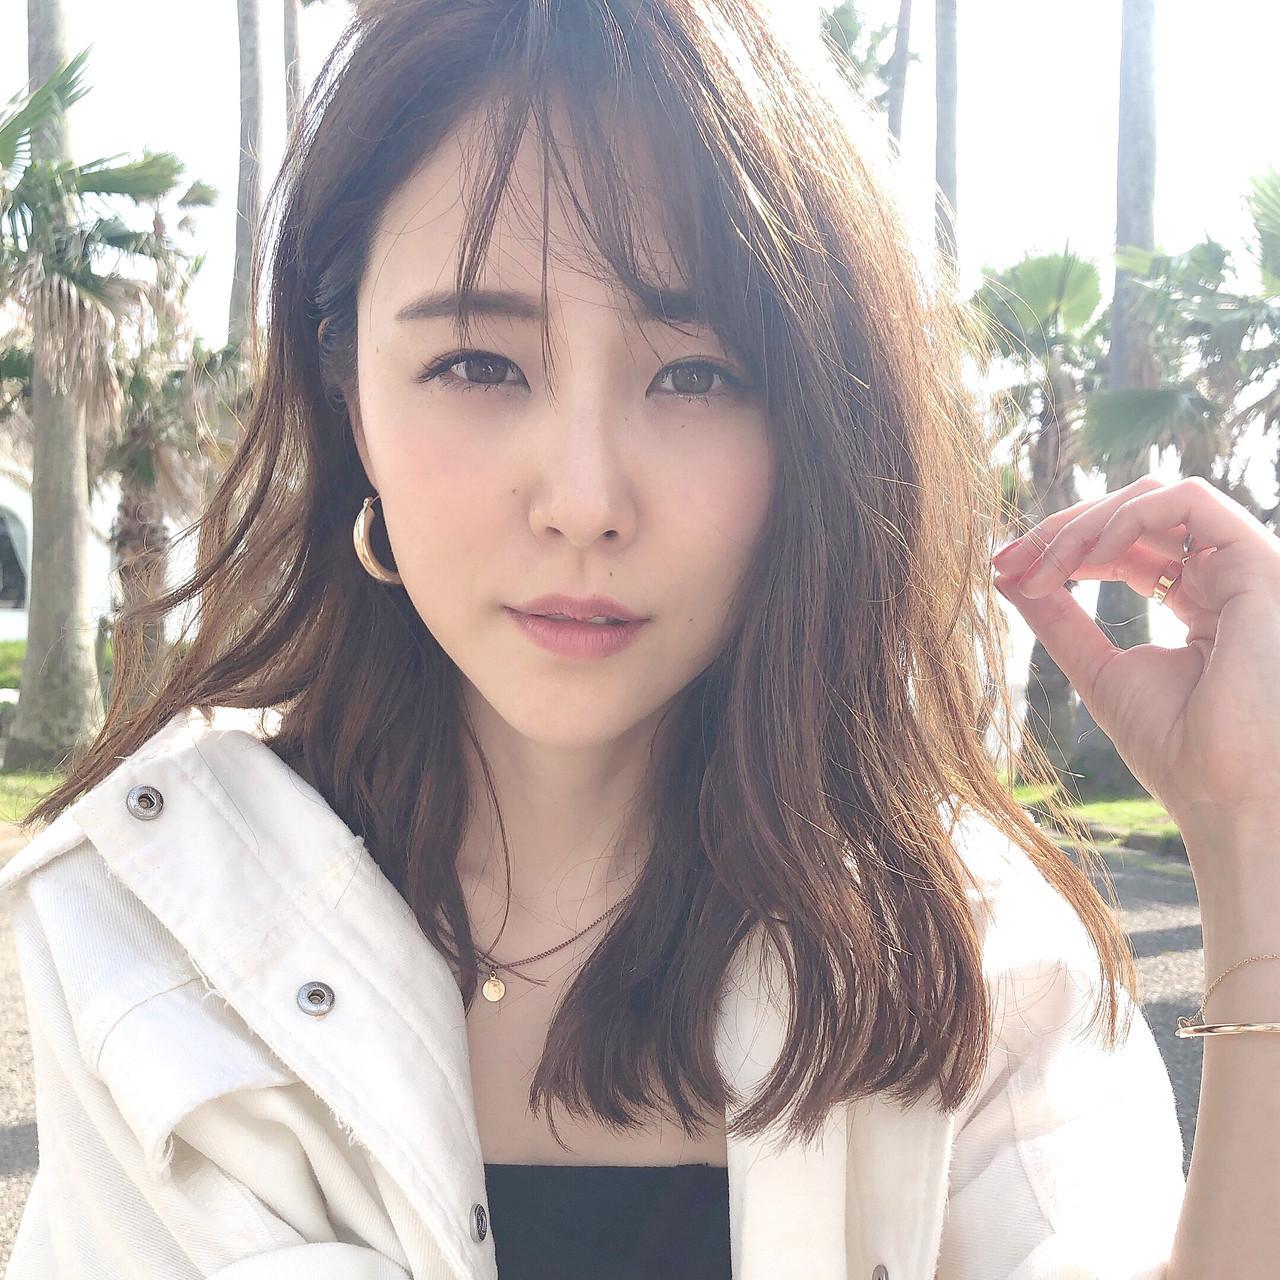 TOKIOトリートメント セミロング あざと毛 前髪あり ヘアスタイルや髪型の写真・画像